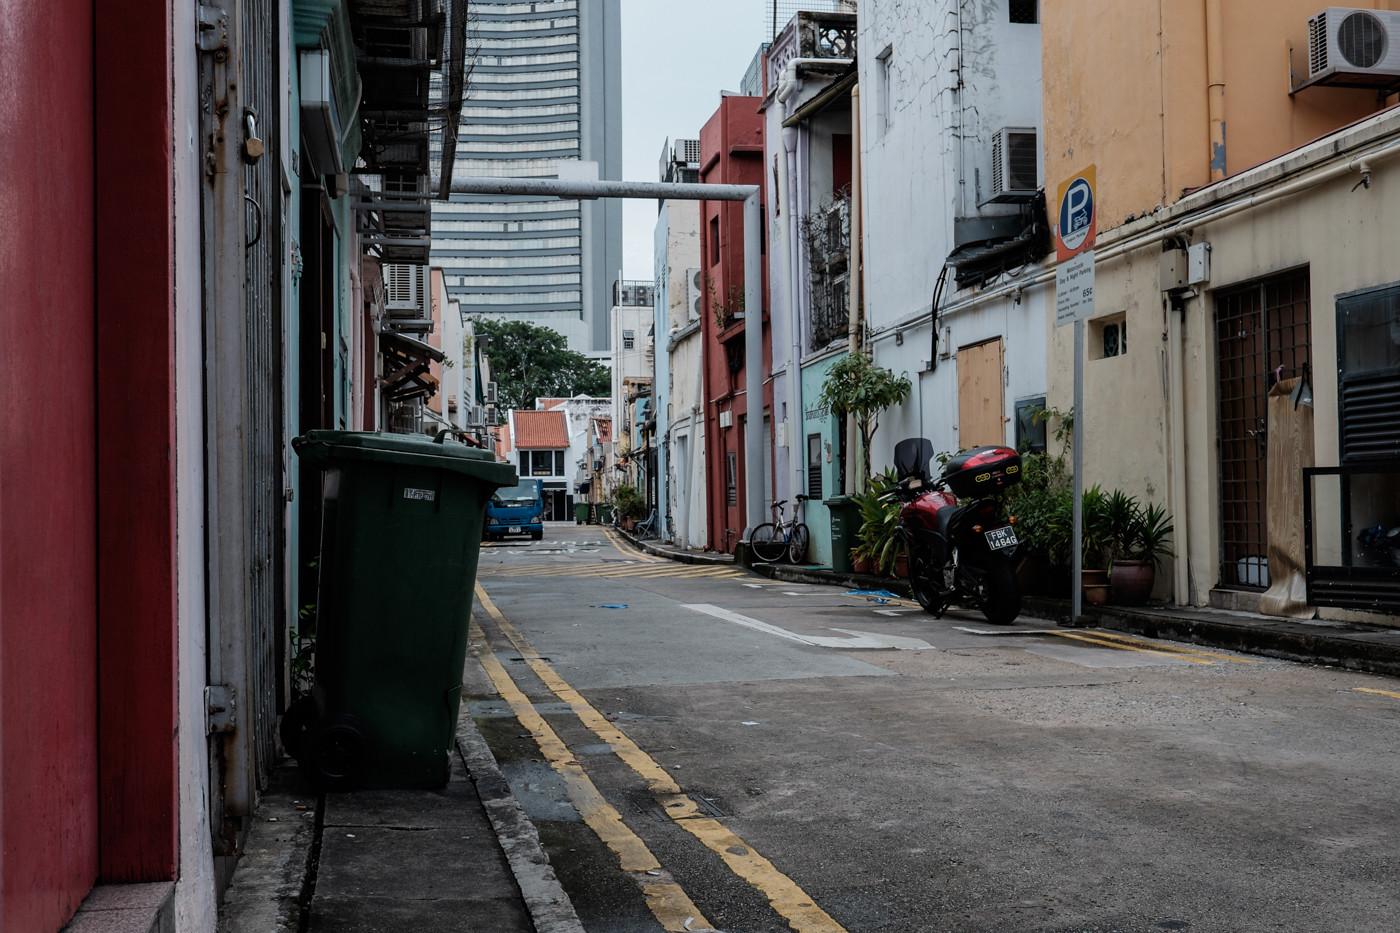 xf23mm f1.4 rの作例 レビュー スナップ シンガポール 路地